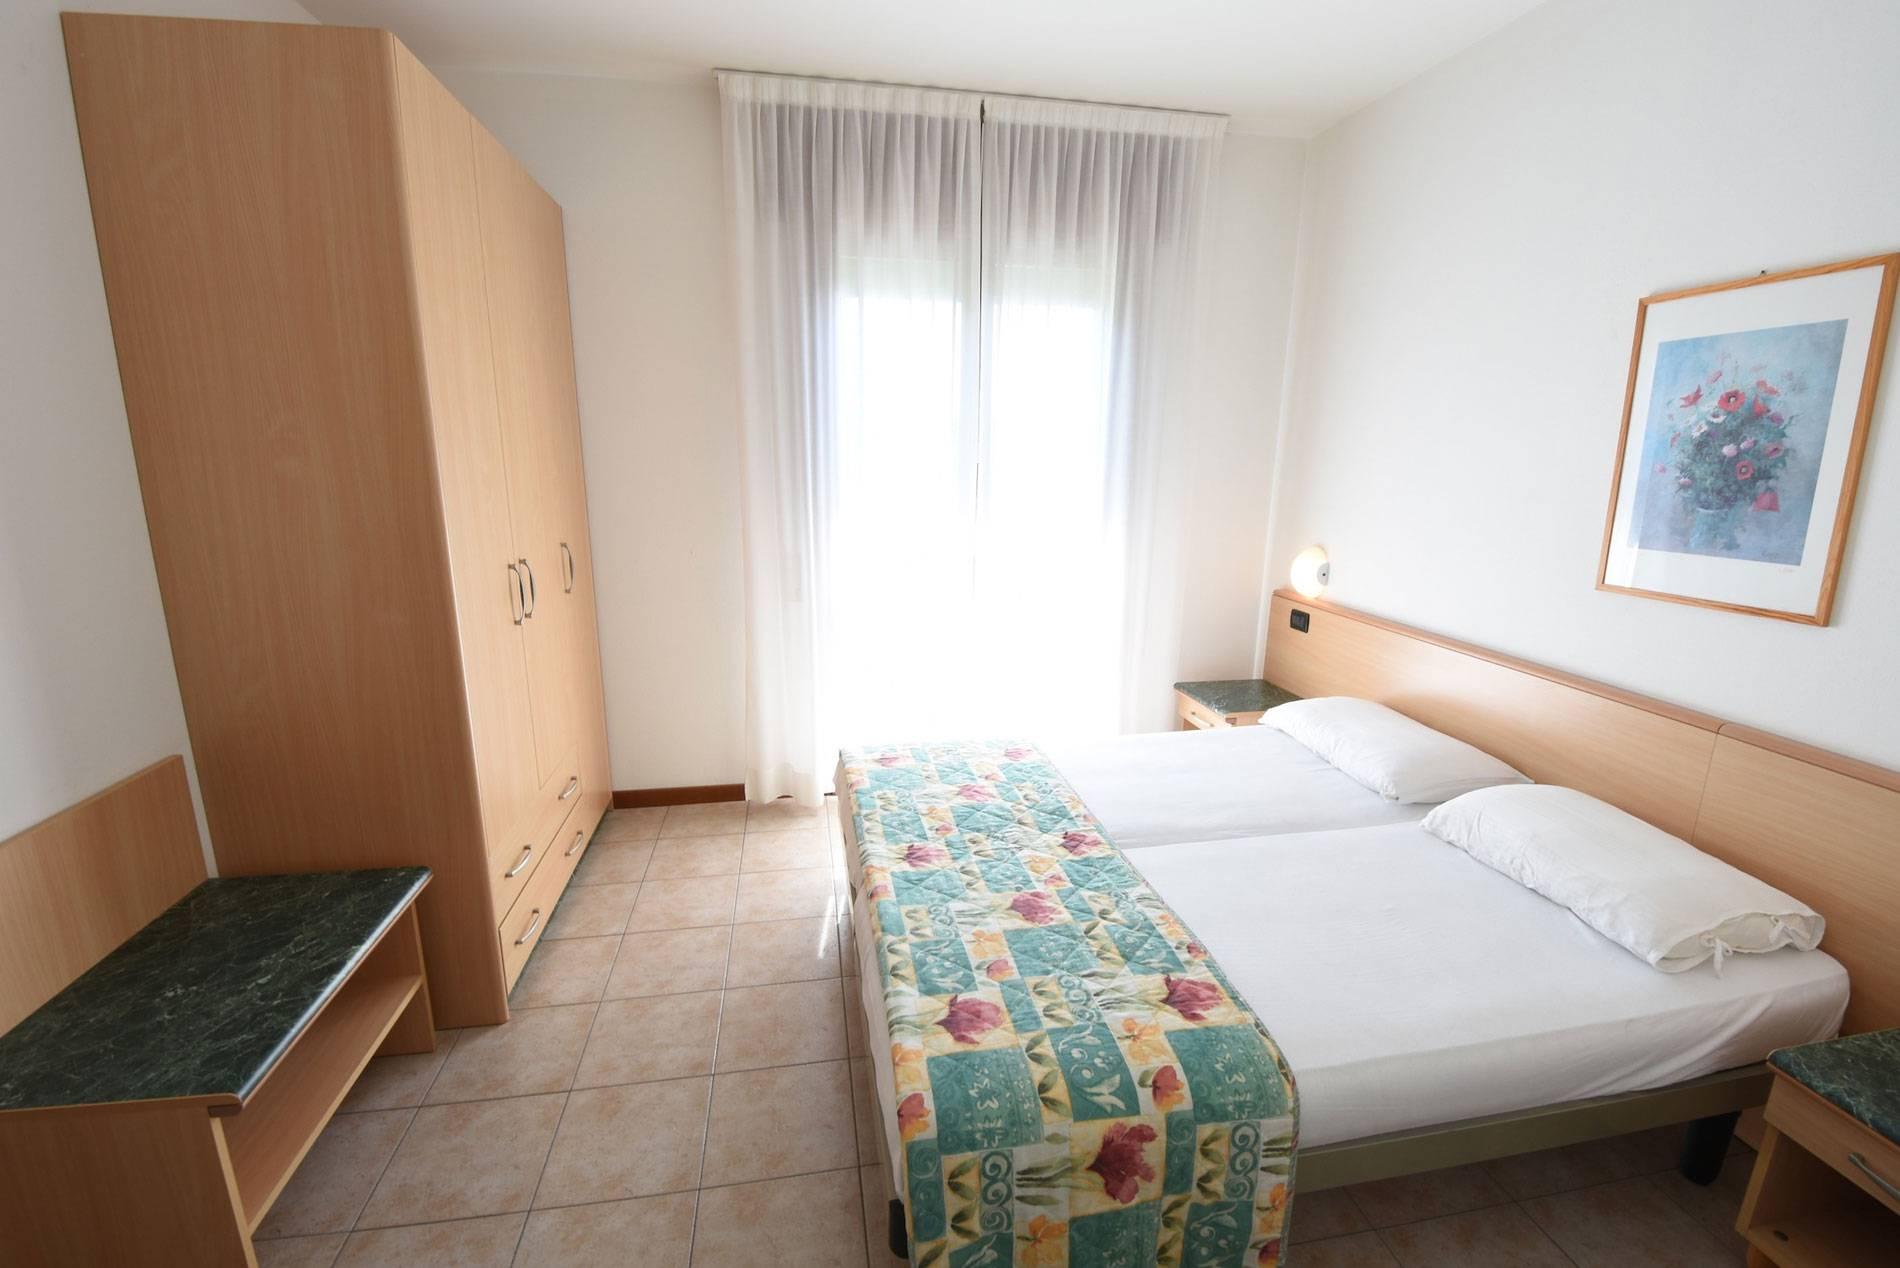 camera-letto-appartamento-jesolo-875757870